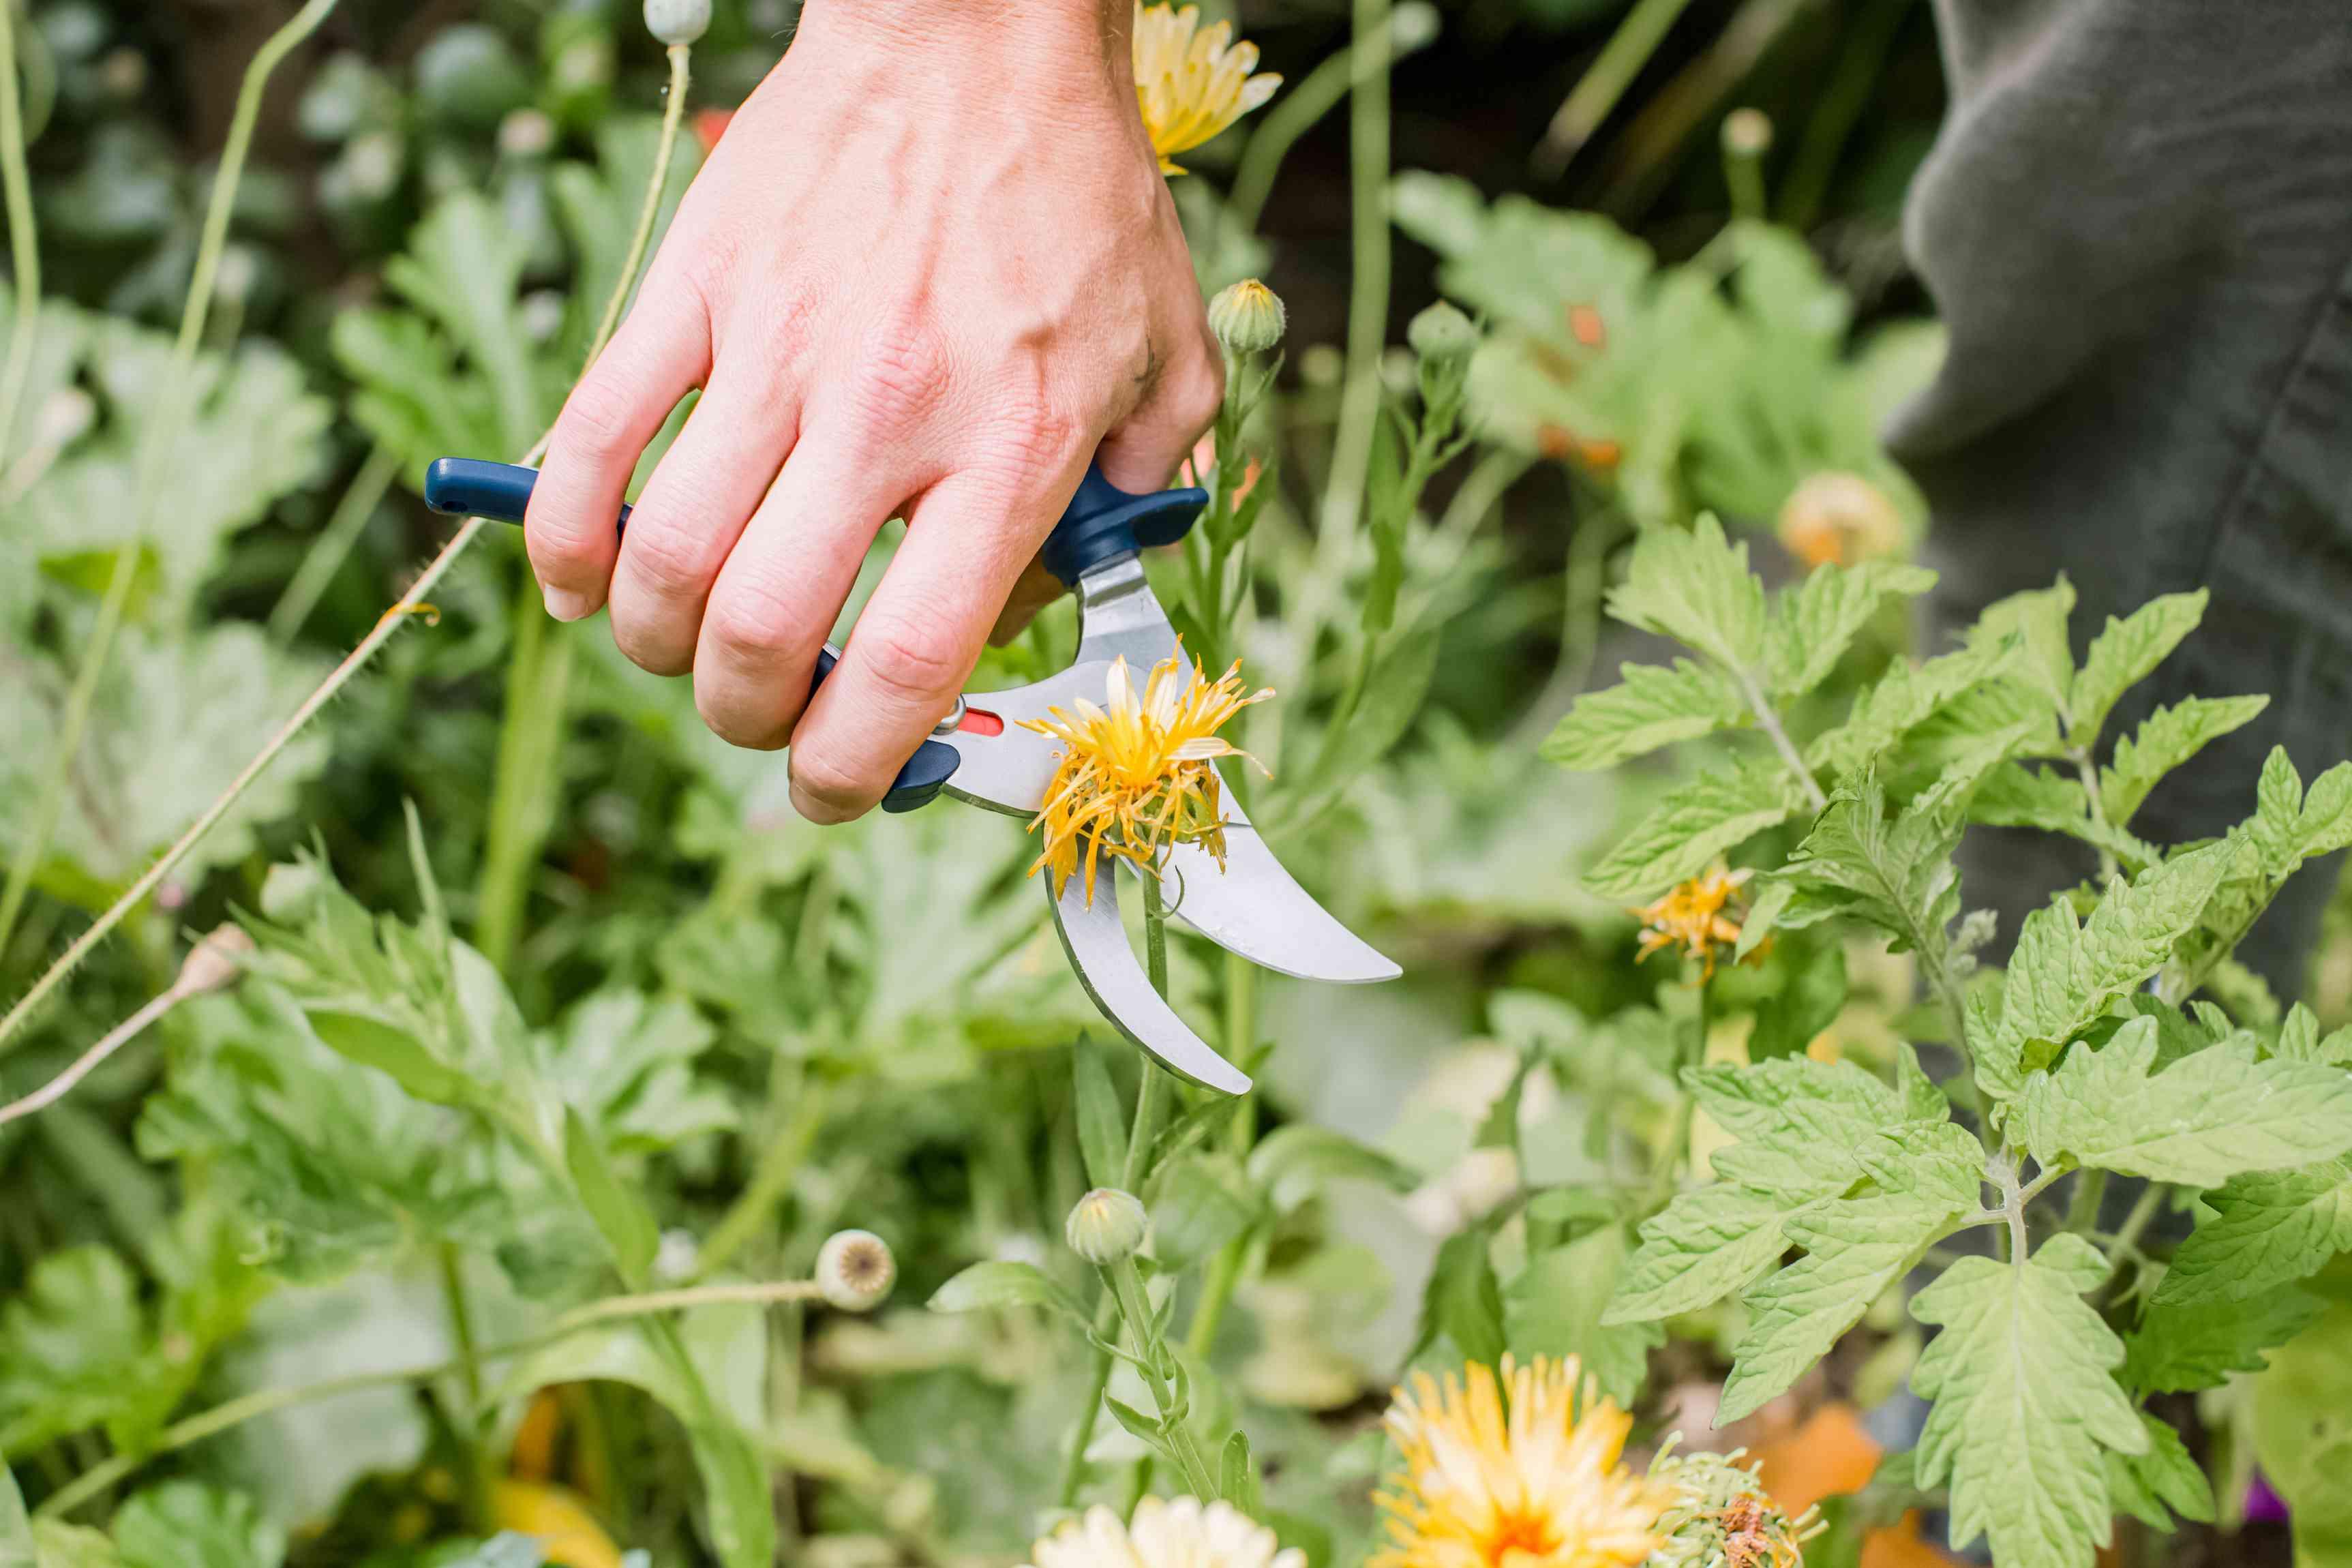 gardener deadheading a flower